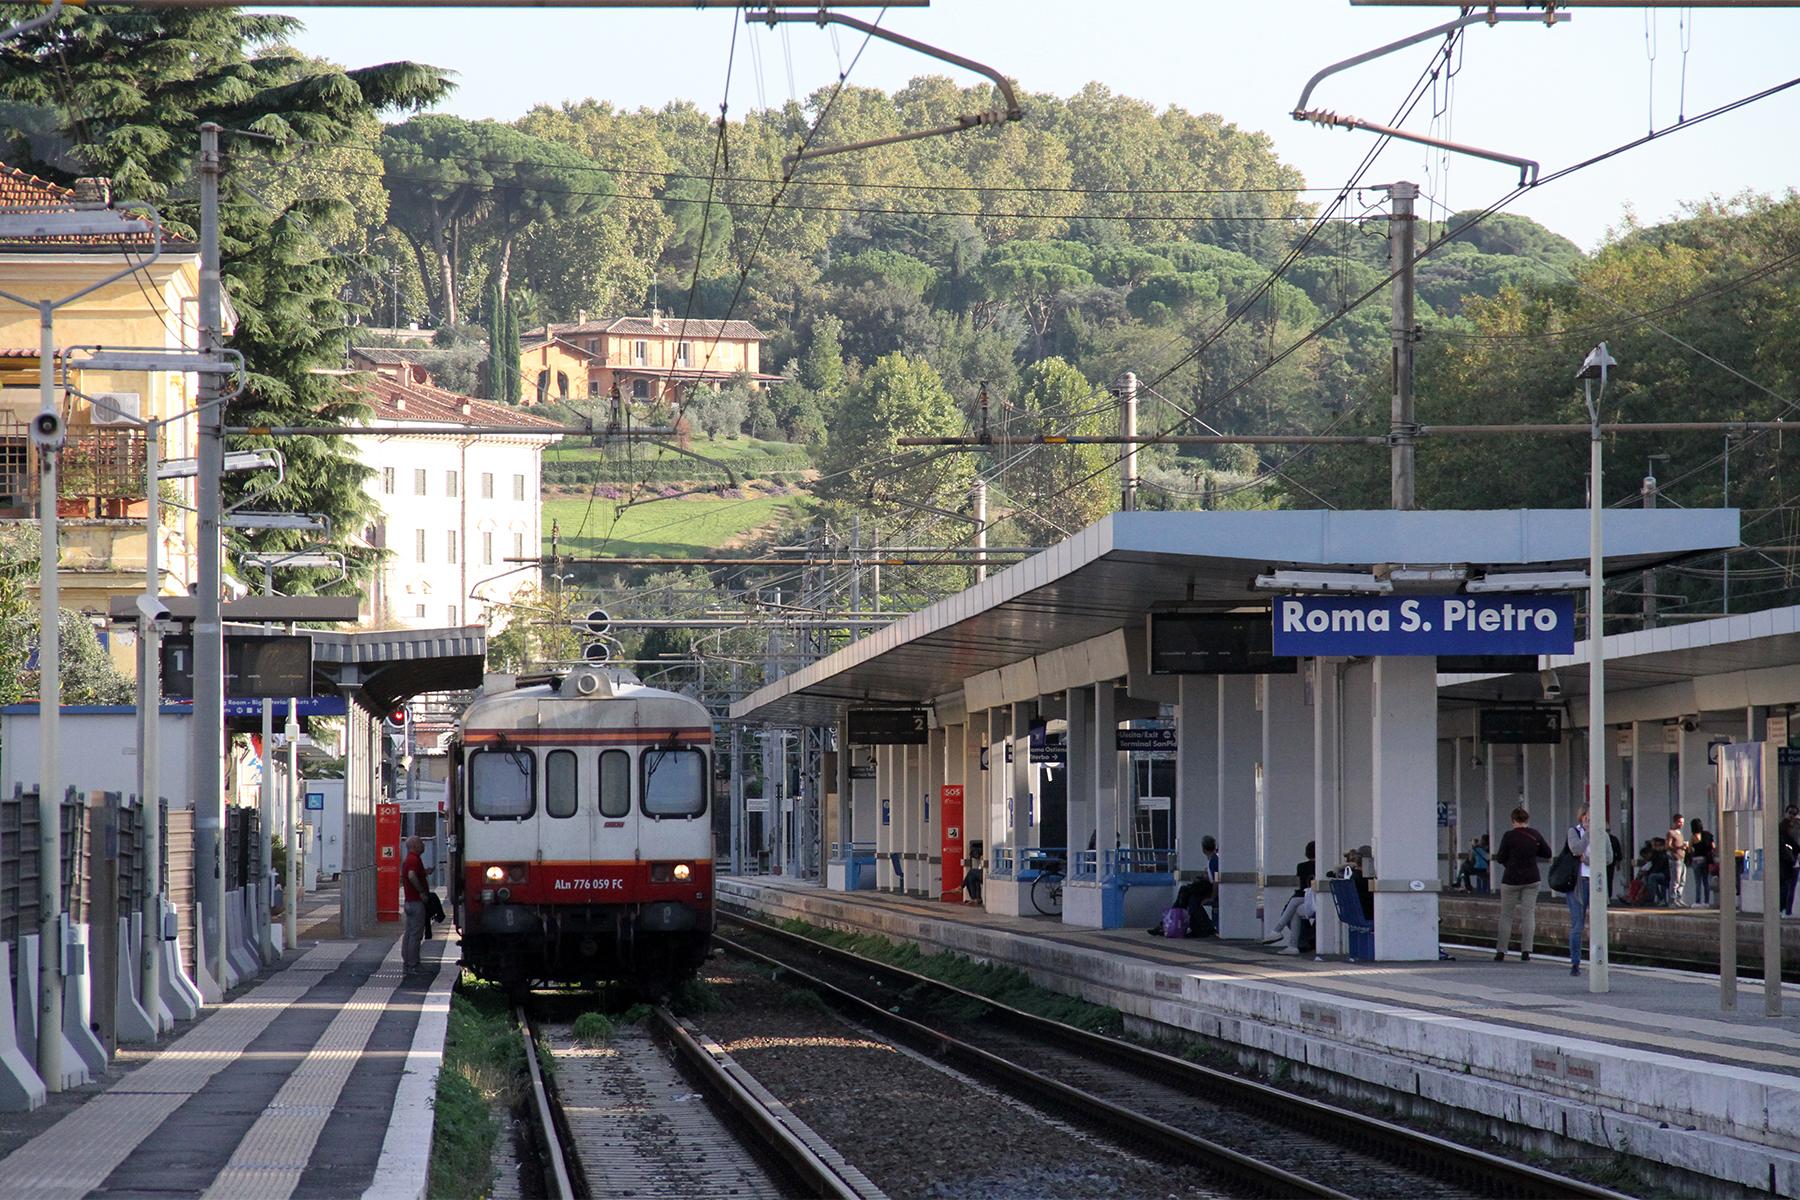 Roma, stazione di San Pietro : uomo trovato morto sui binari